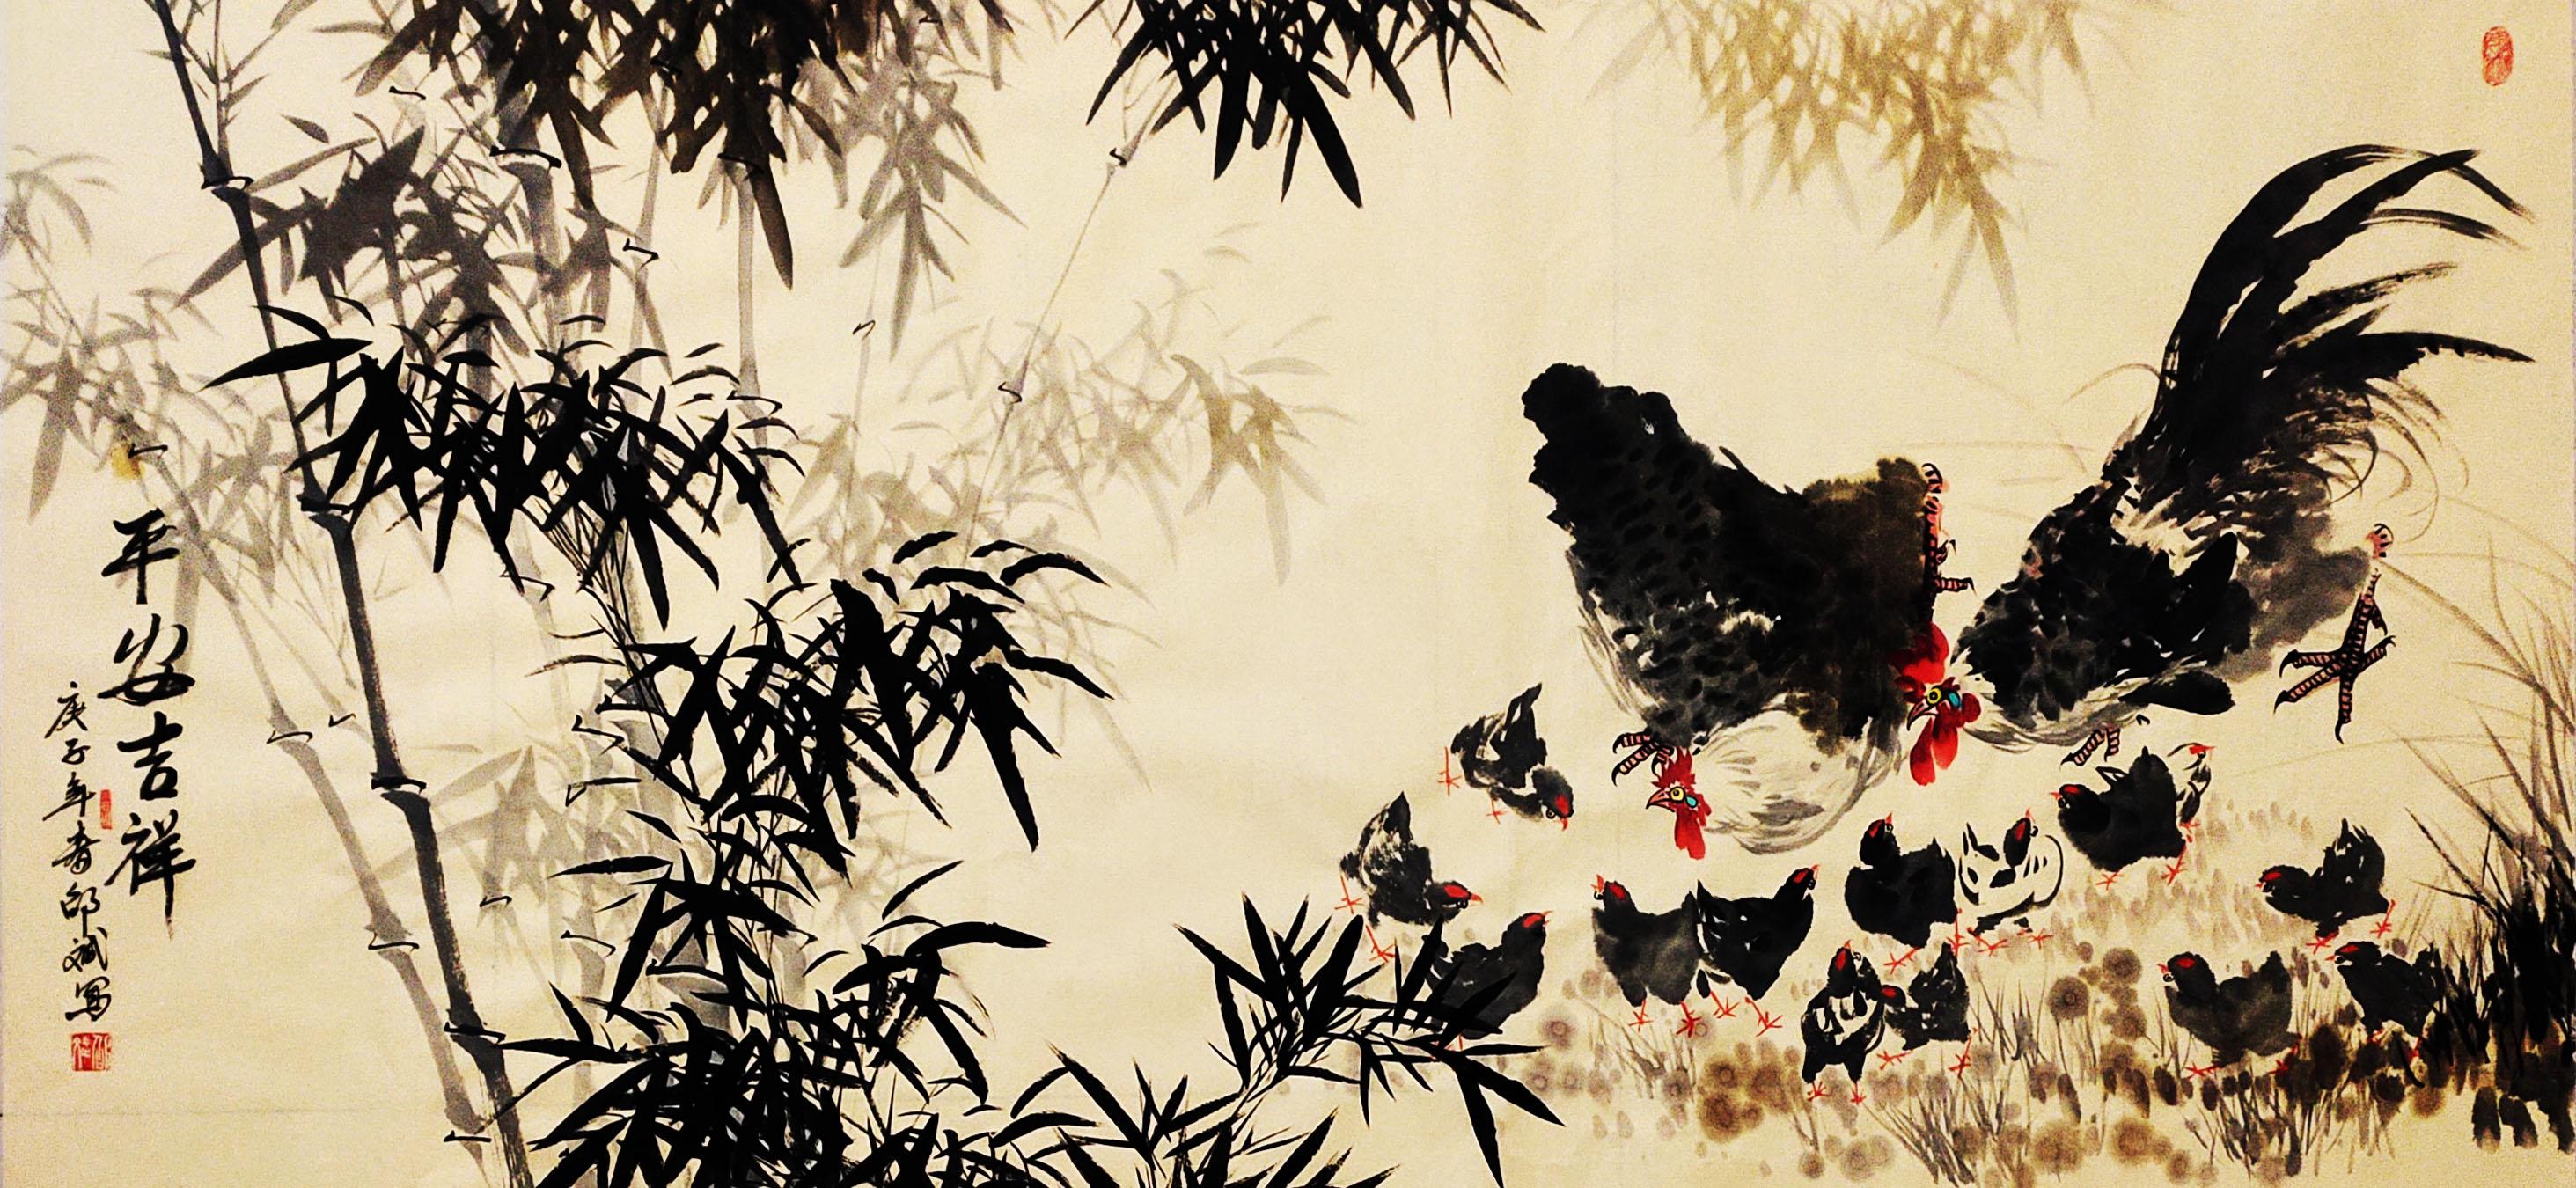 平安吉祥中国画 公鸡小鸡竹子画 庚子年春邵斌写意花鸟画